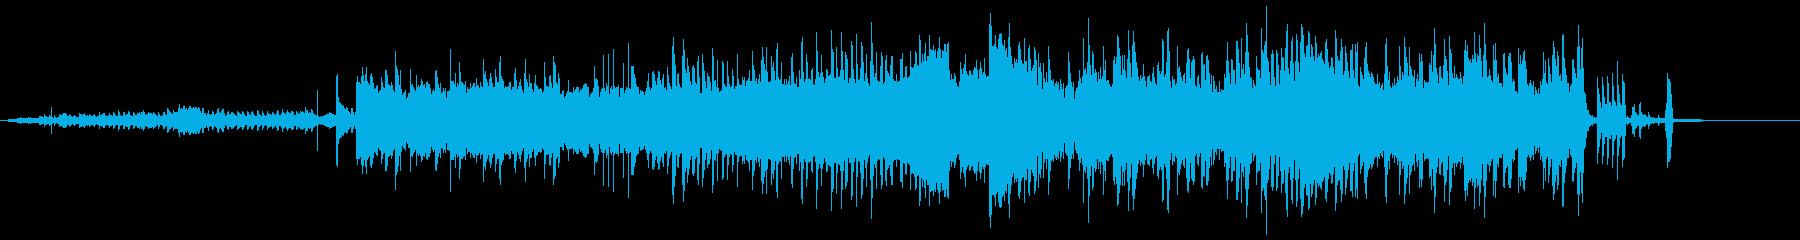 かわいい系のEDMですの再生済みの波形